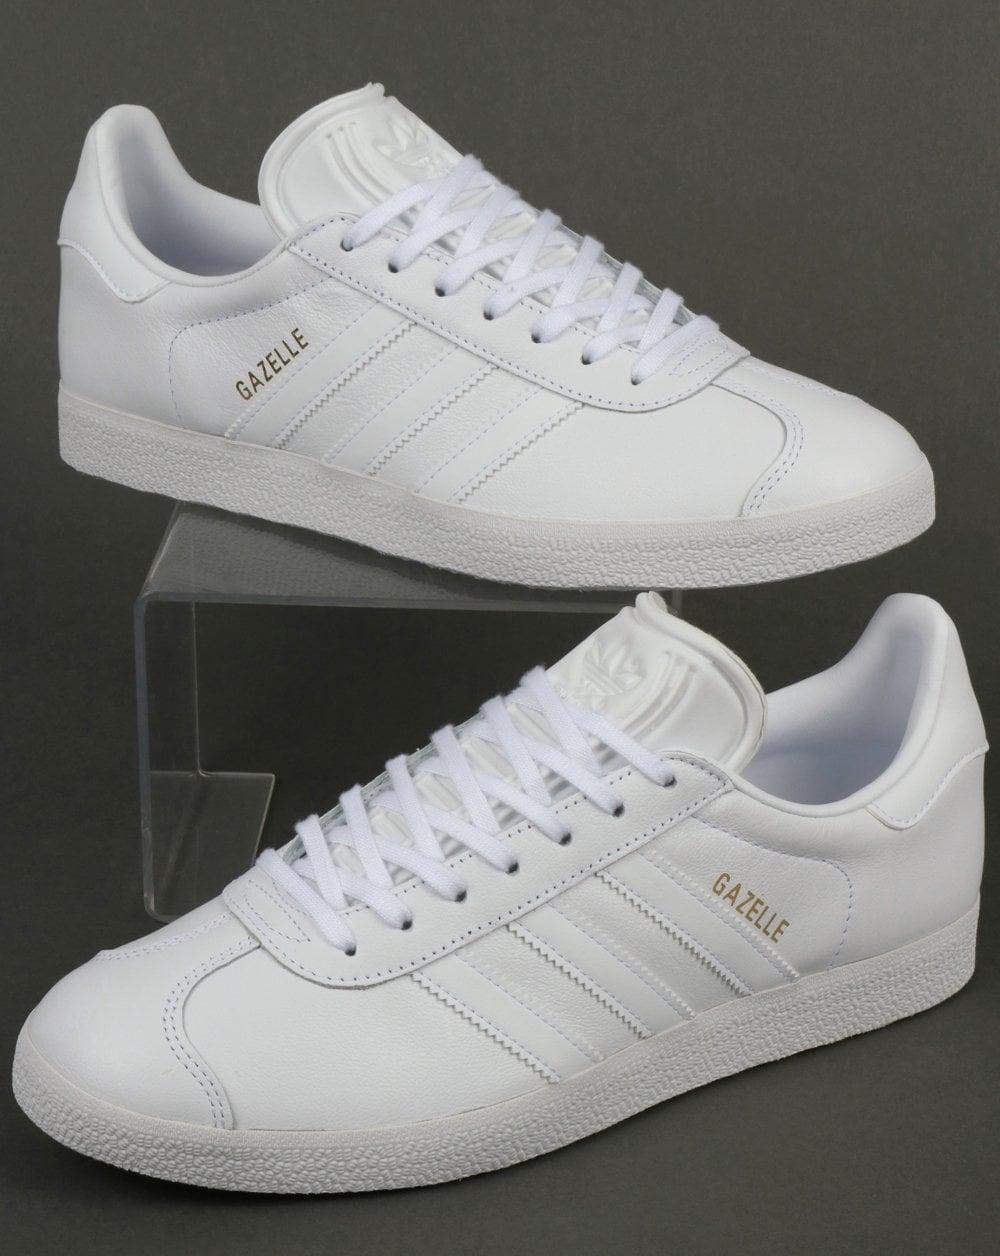 gazelle adidas white leather cheap online